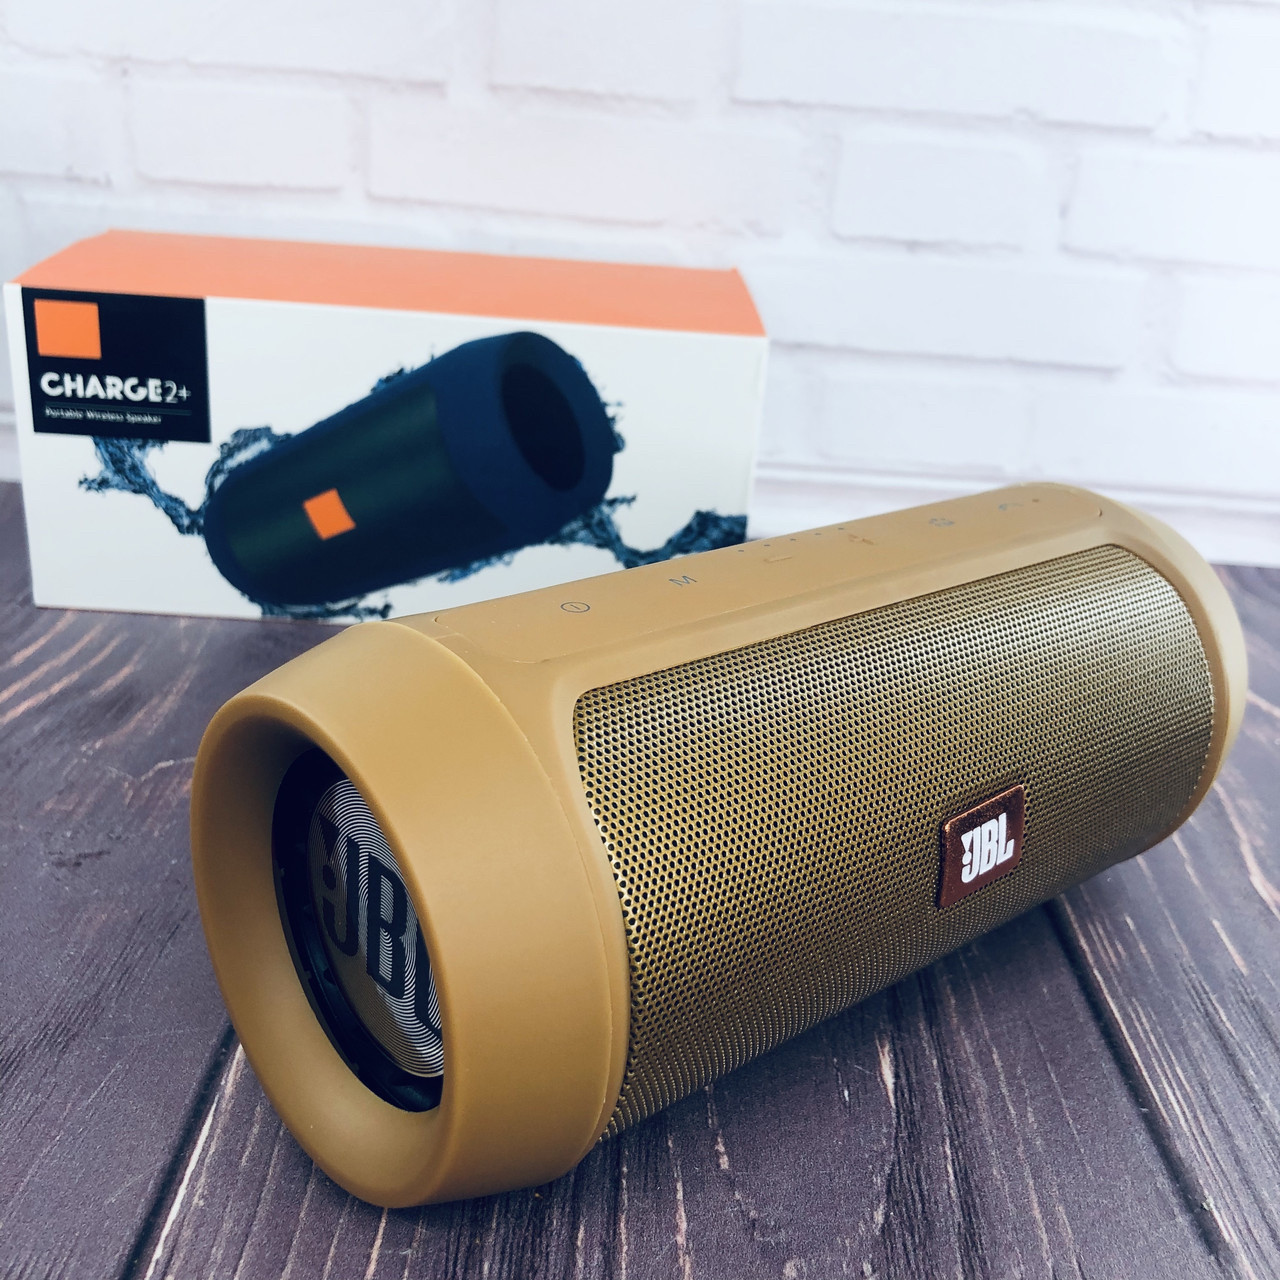 Jbl Charge 2 портативная колонка Bluetooth, звуковая Блютуз акустика реплика Золото